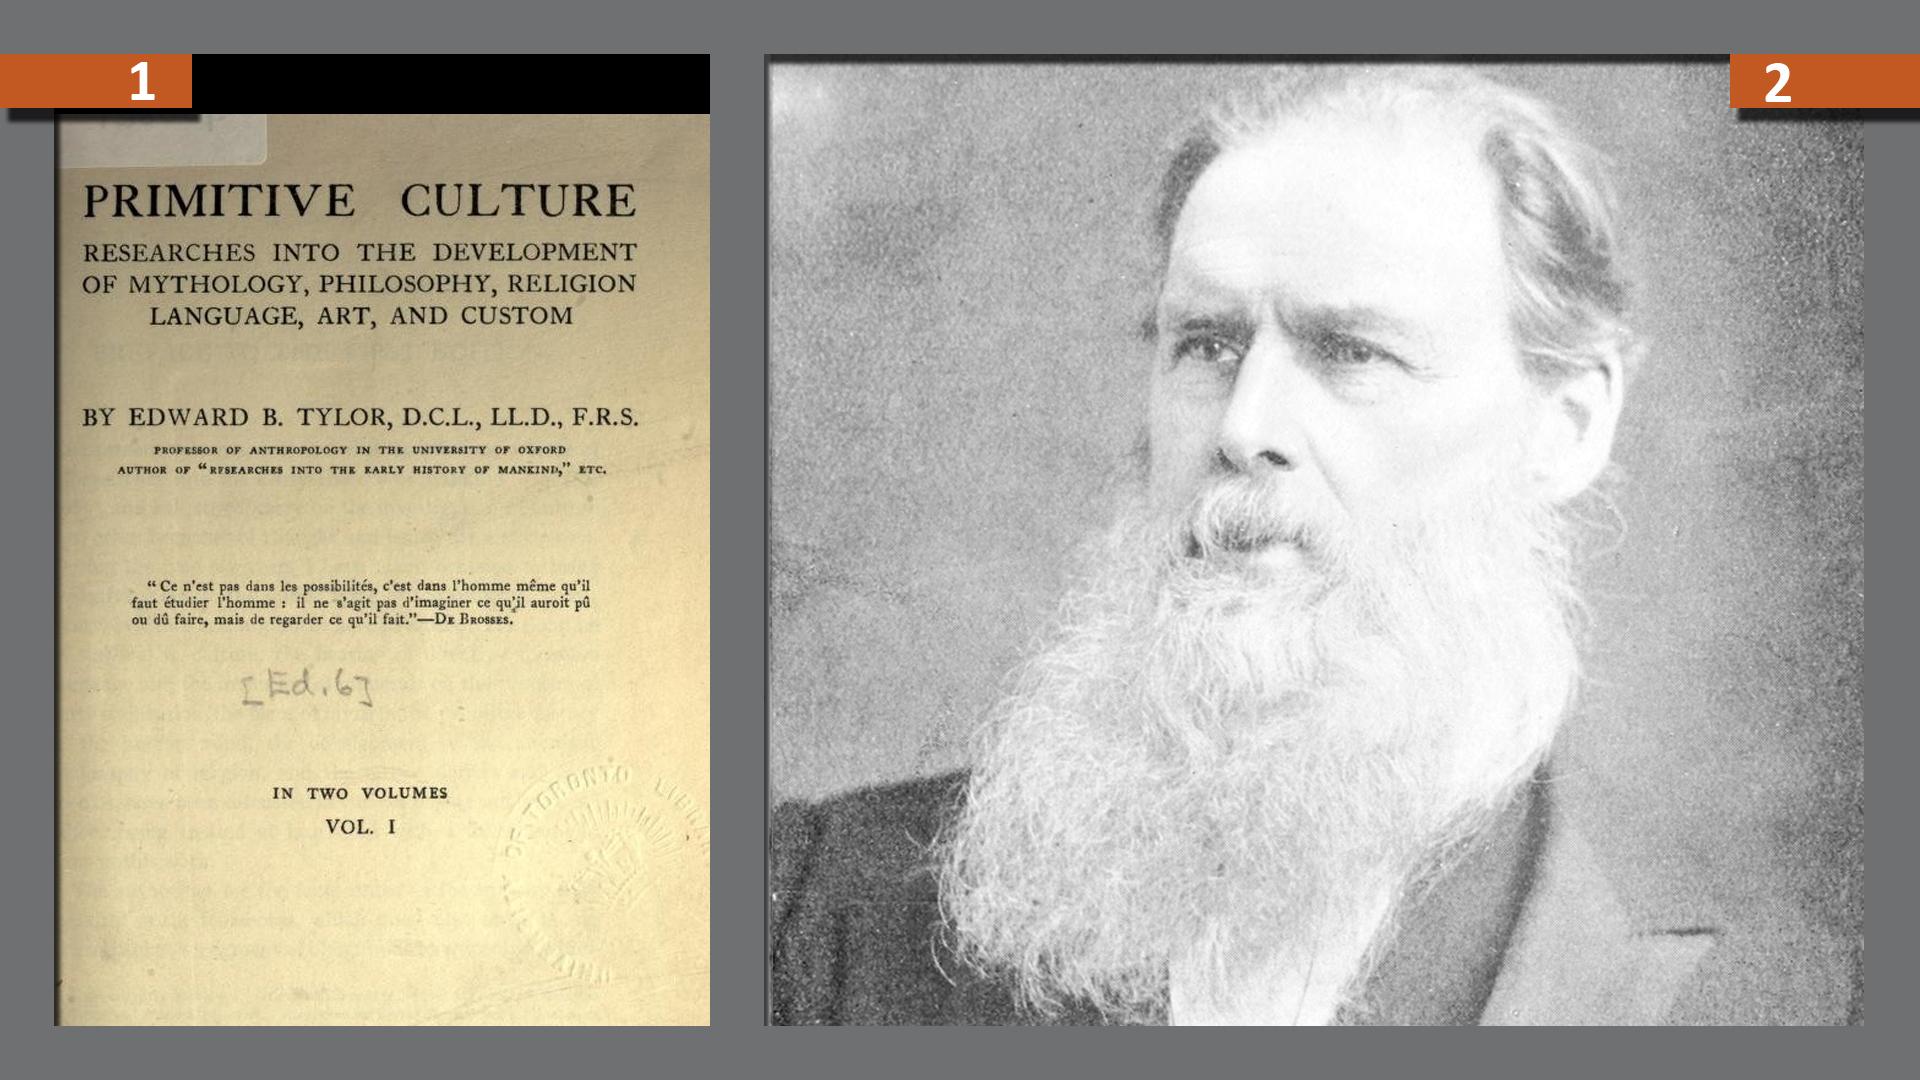 Edward-B.-Taylor6dans-Primitive-culture